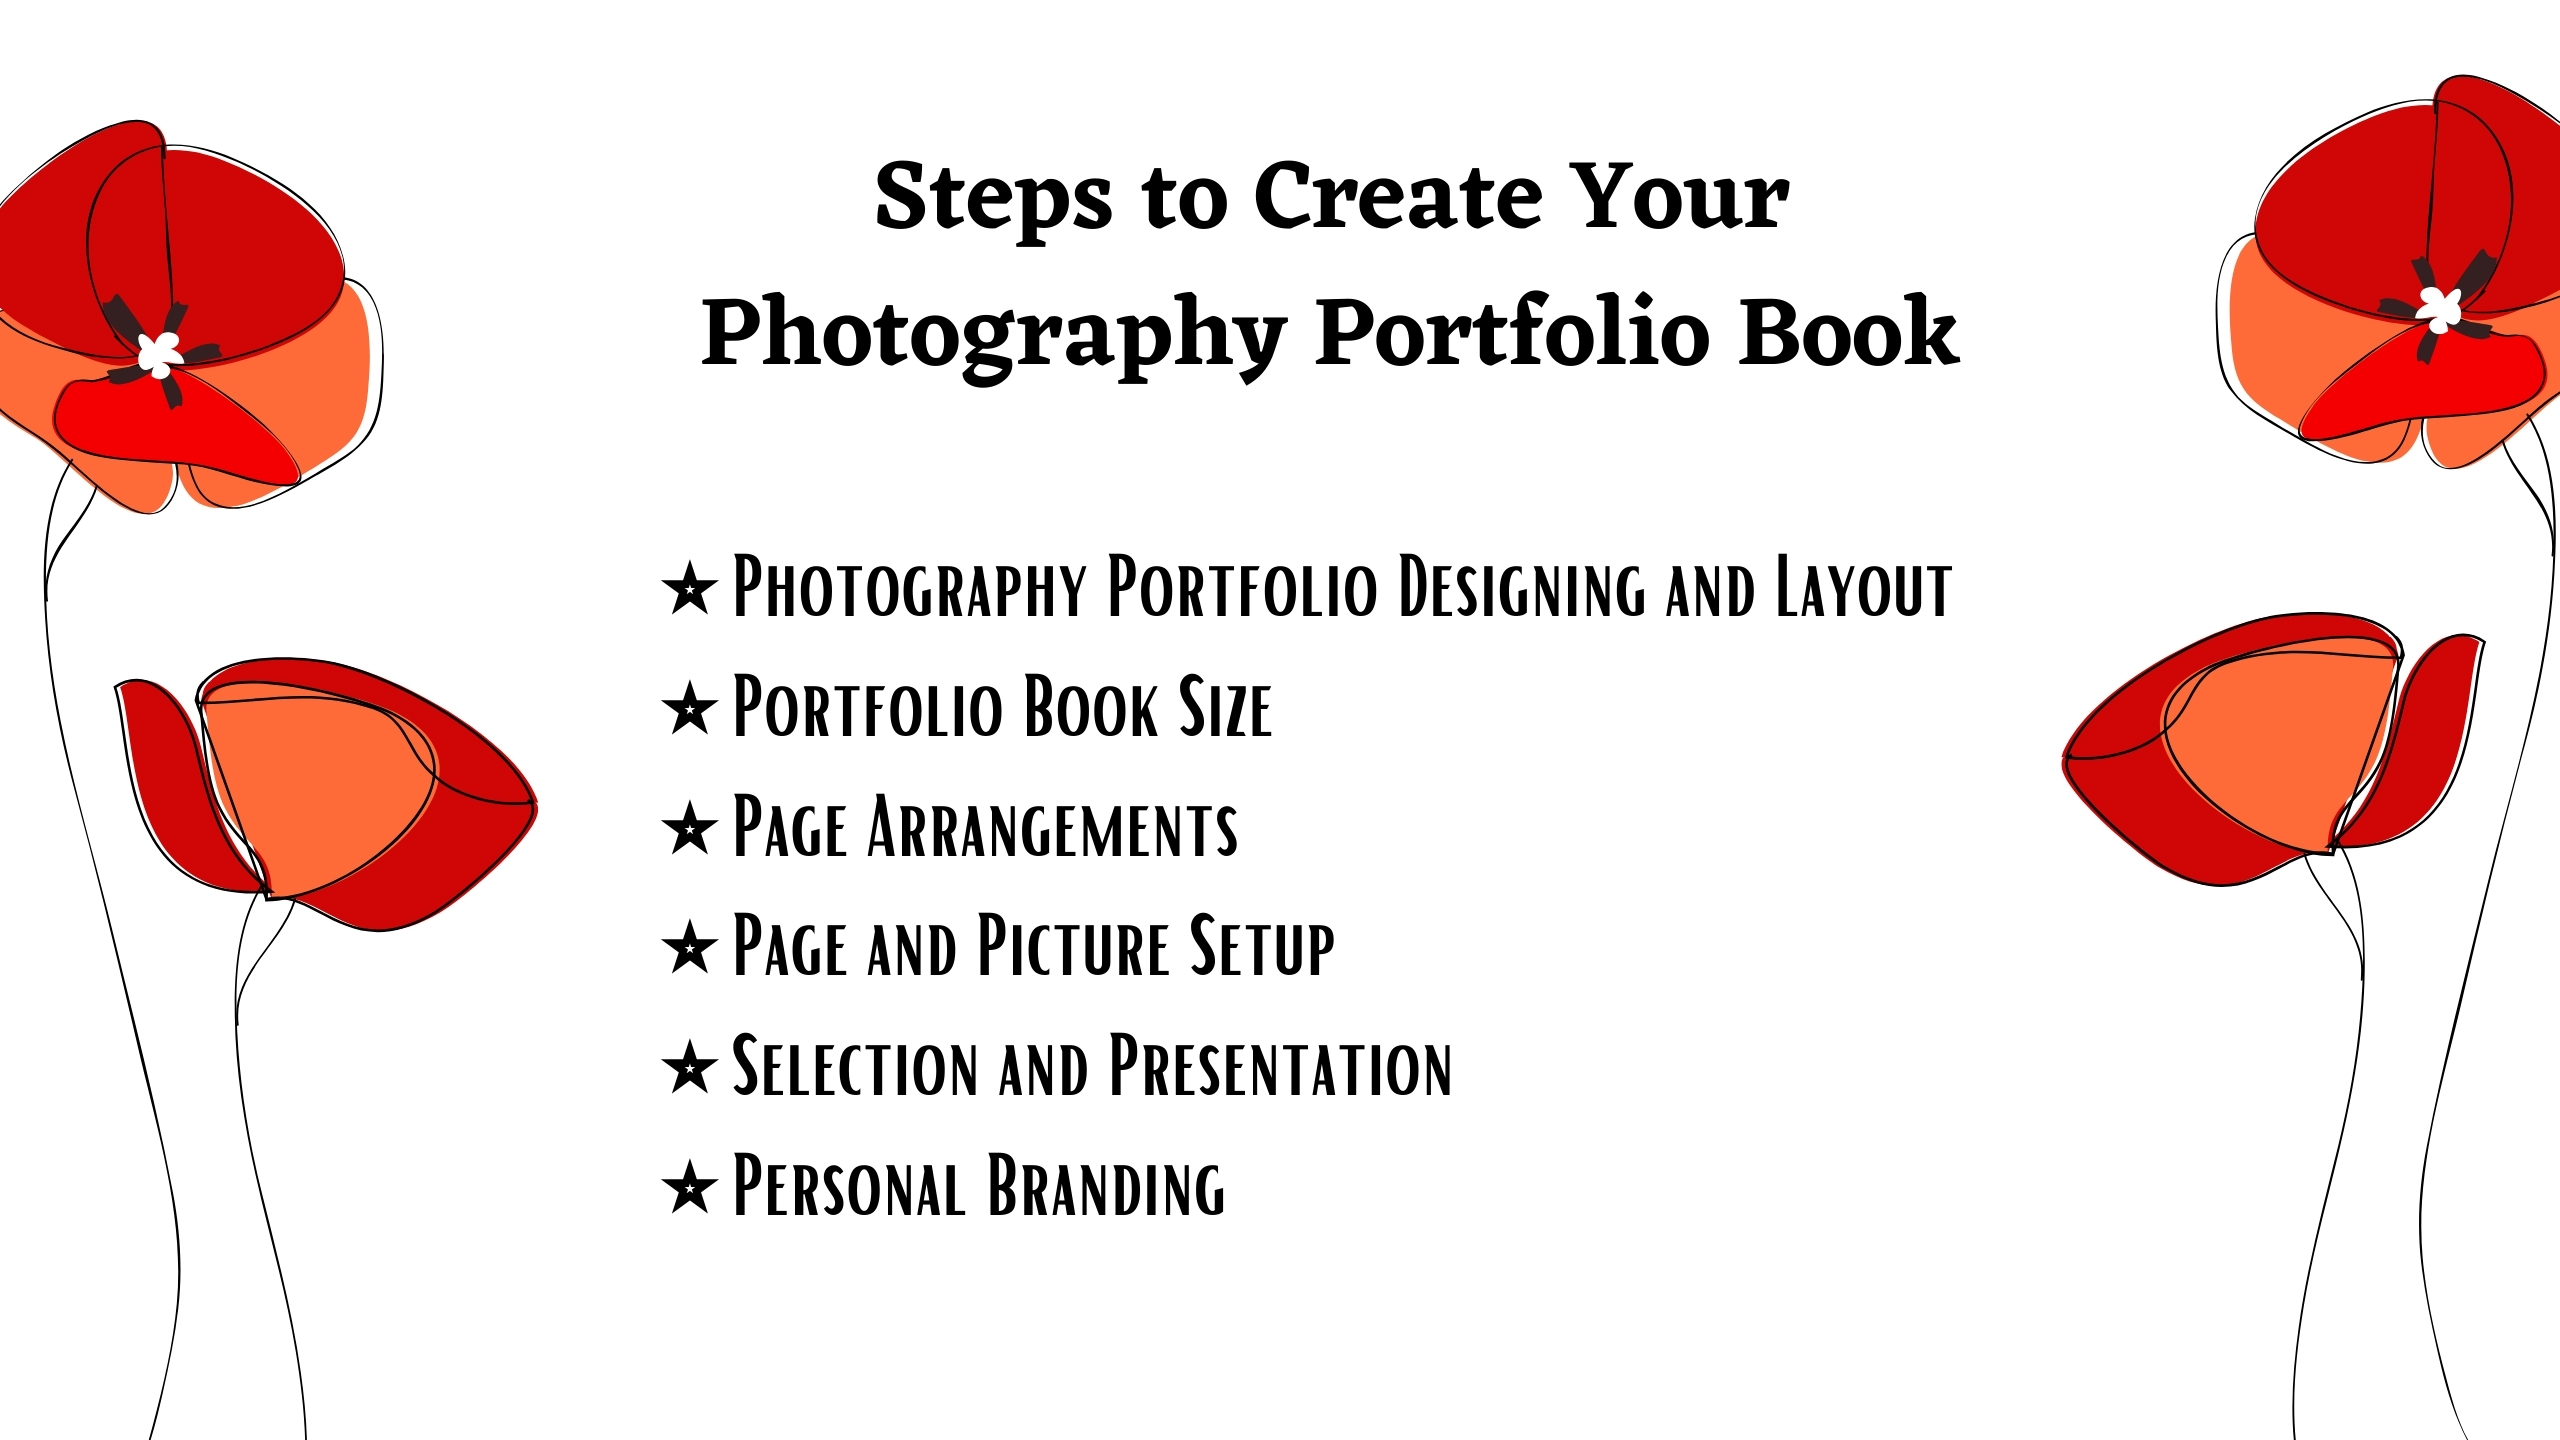 Steps to Create a Photography Portfolio Book